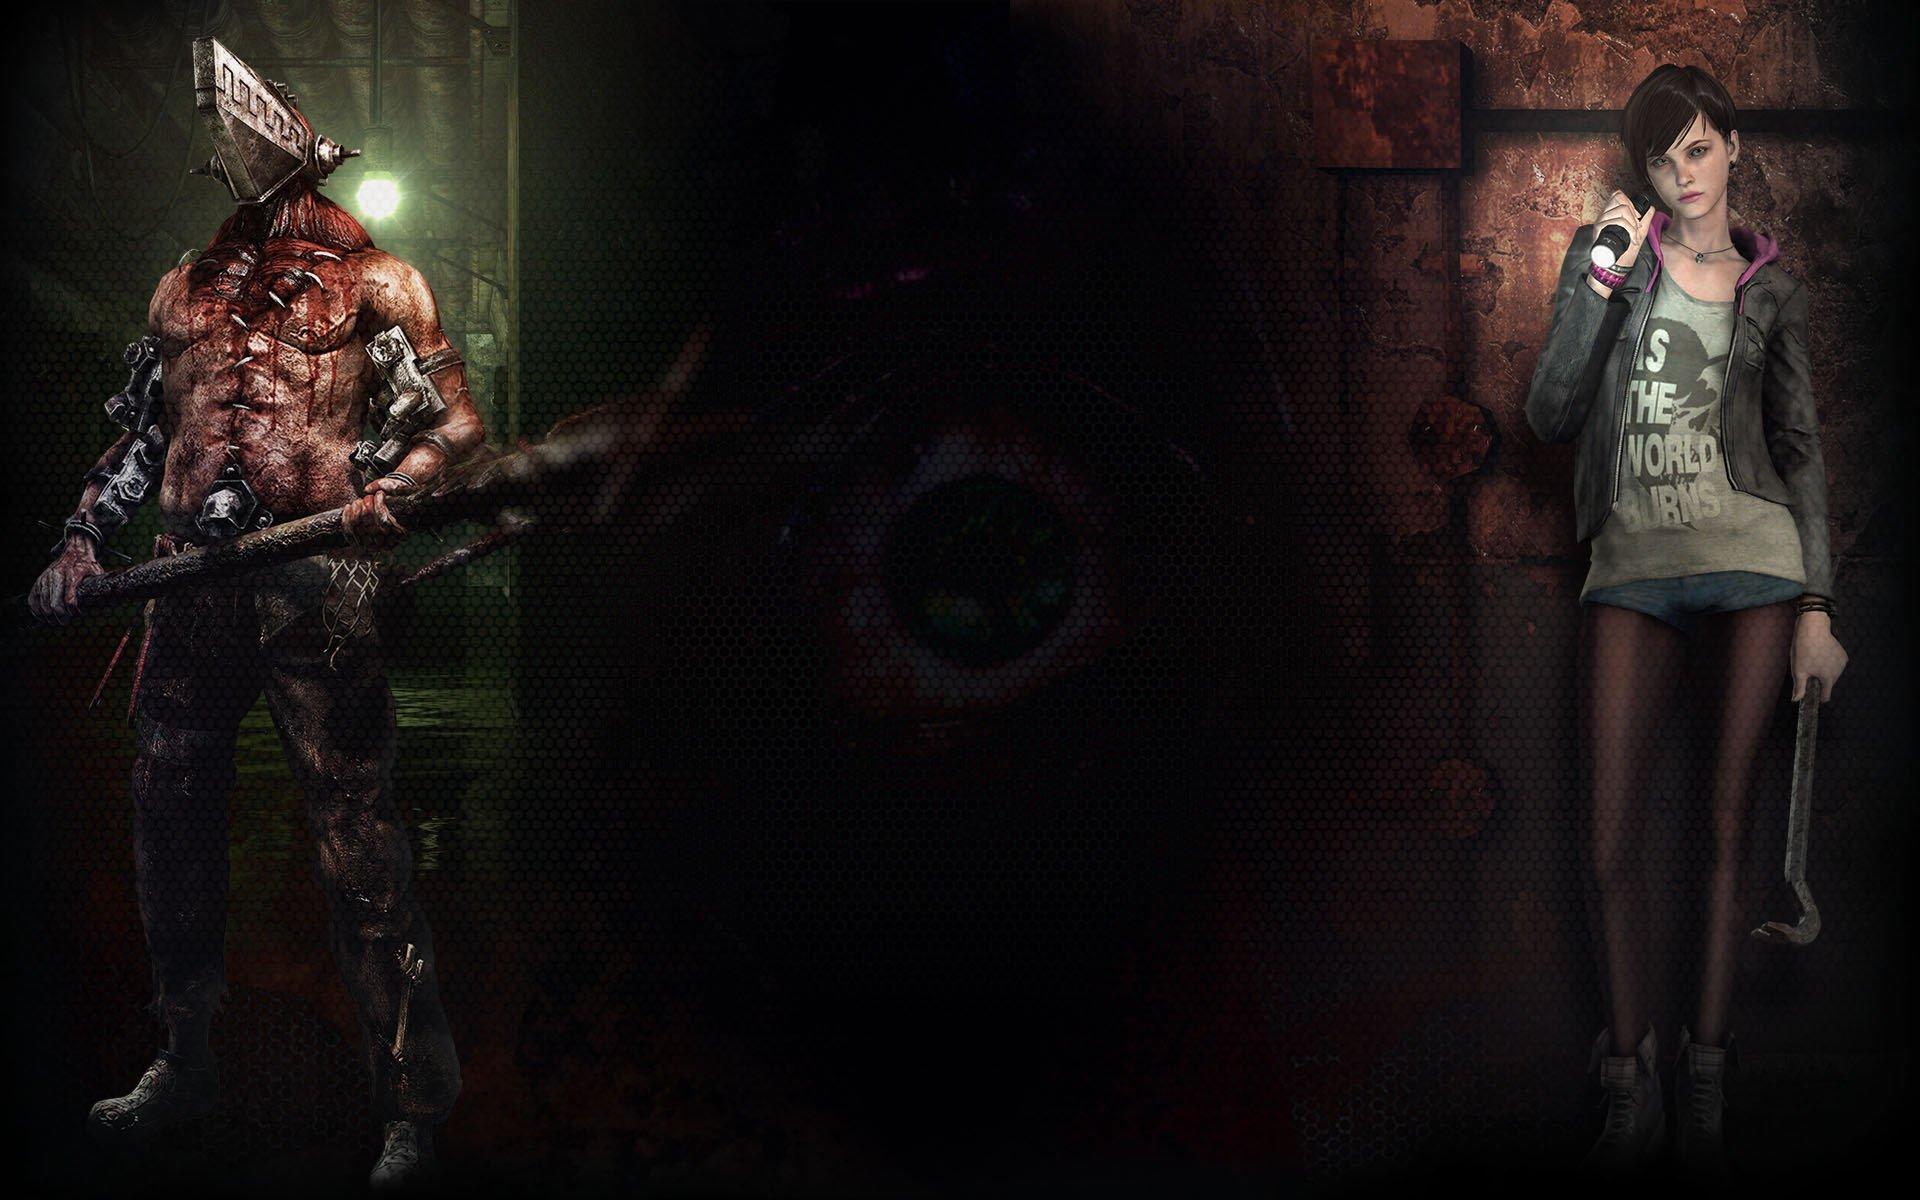 16 Luxury Pubg Wallpaper Iphone 6: Resident Evil: Revelations 2 Papel De Parede HD